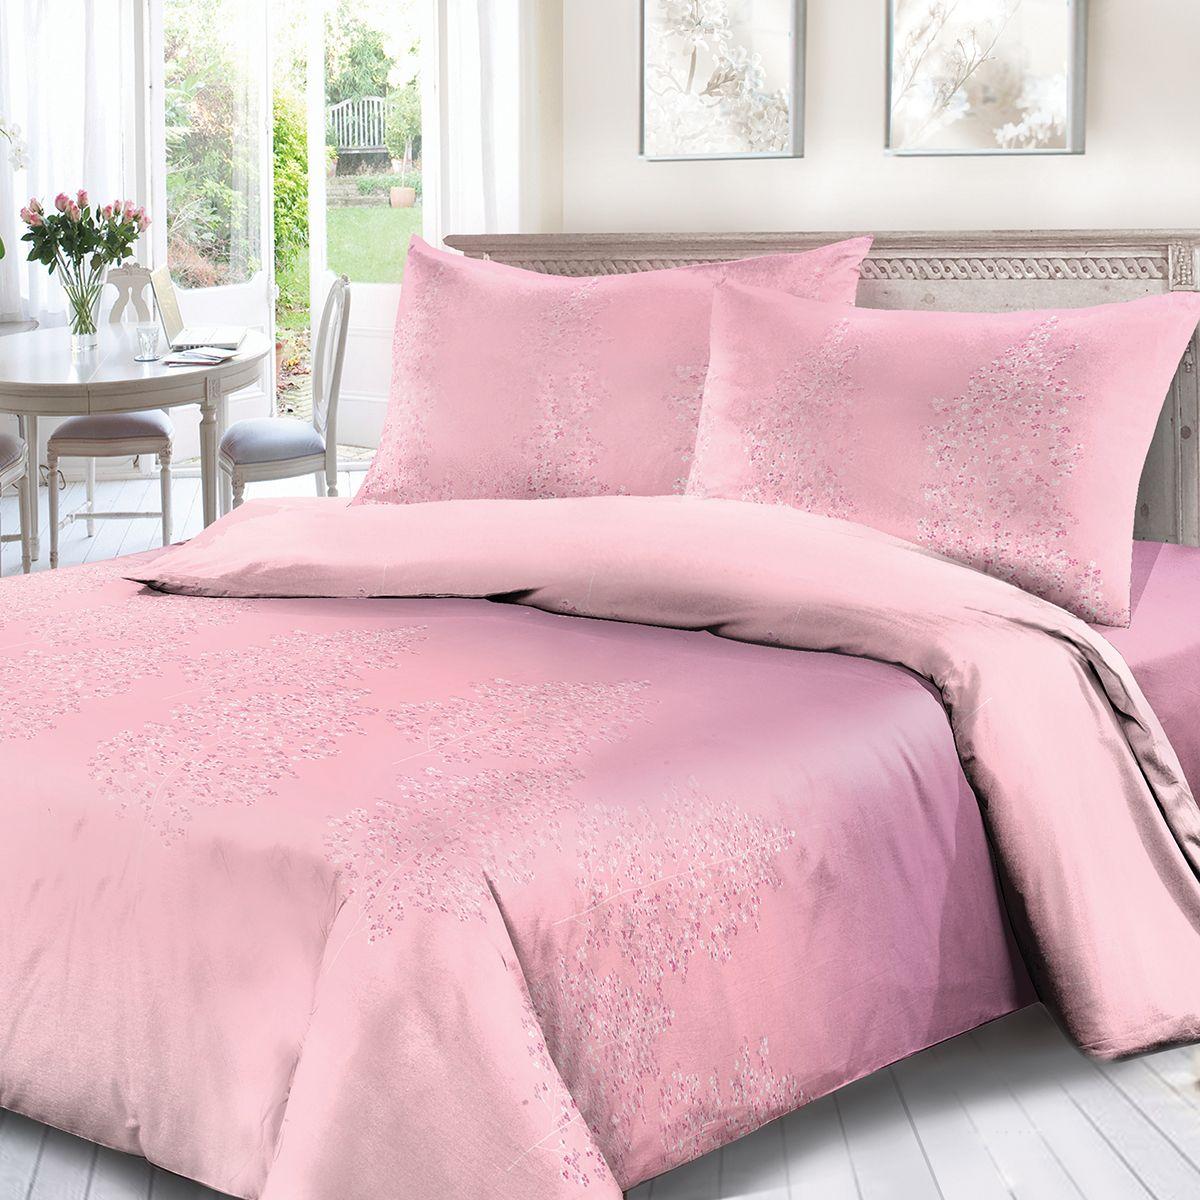 Комплект белья Сорренто Аврора, 1,5 спальное, наволочки 70x70, цвет: розовый. 1500-189078